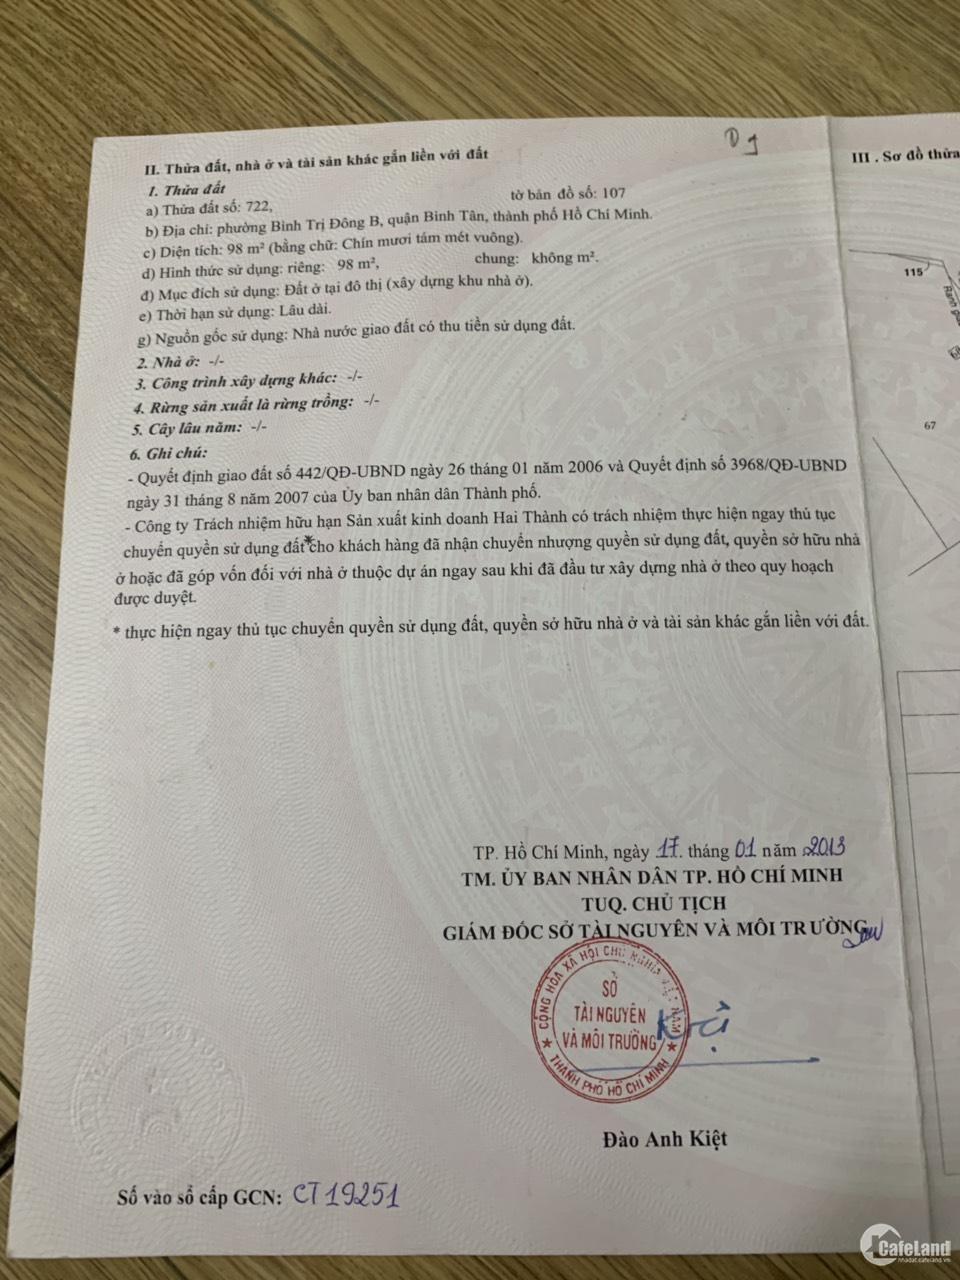 Bán đất KDC Hai Thành ngay cổng Pouyen đường số 7 rẻ nhất khu vực,giá chốt 1,950